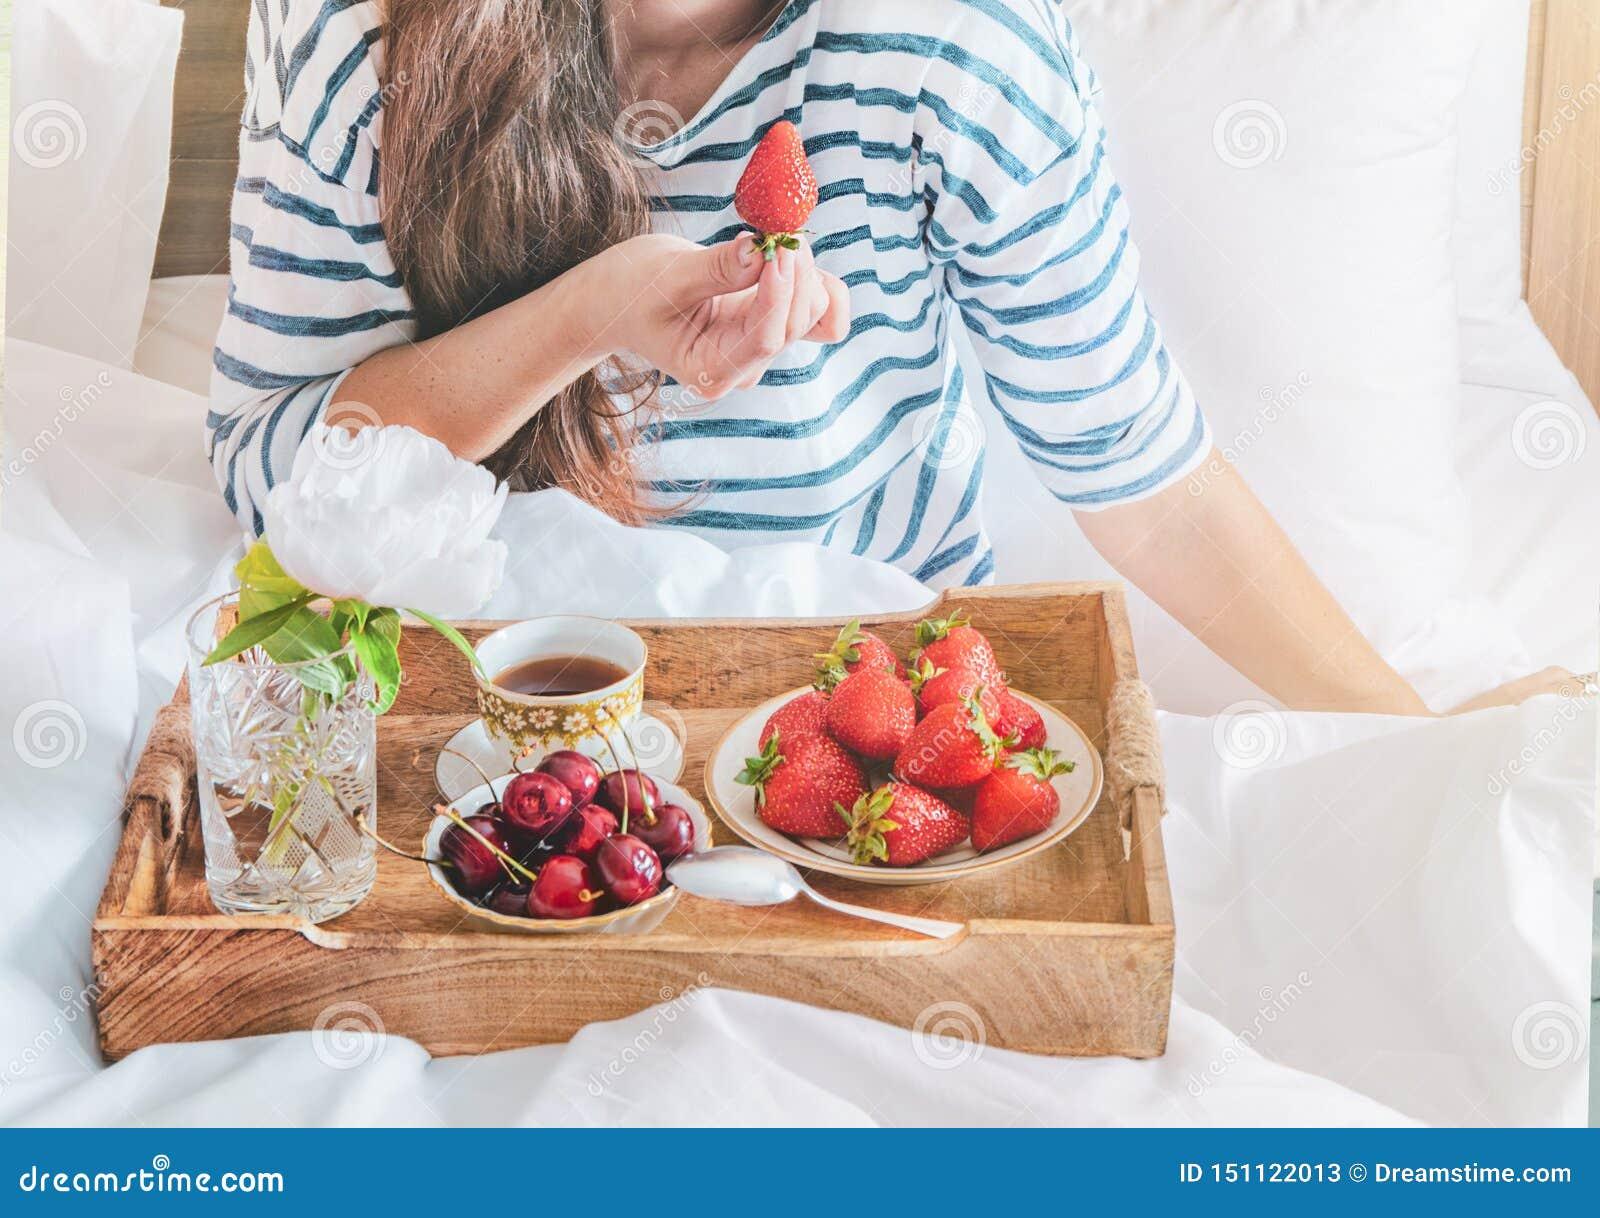 Νέα γυναίκα που τρώει το υγιές πρόγευμα στο κρεβάτι Ρομαντικό πρόγευμα με τις φράουλες και γλυκό κεράσι σε ένα κρεβάτι